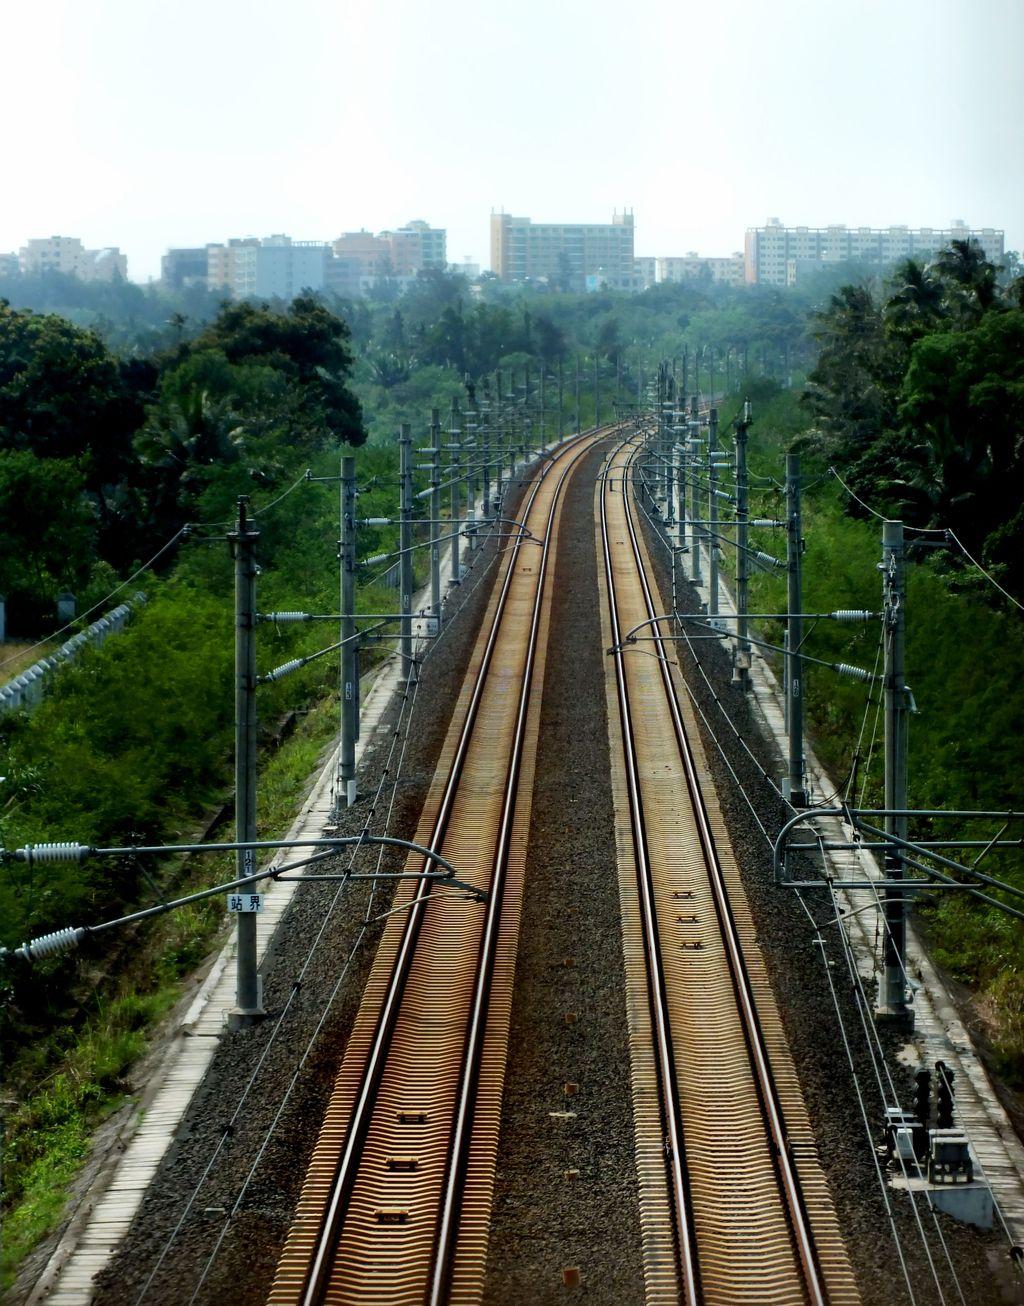 高铁票长什么样子图片_什么是高铁